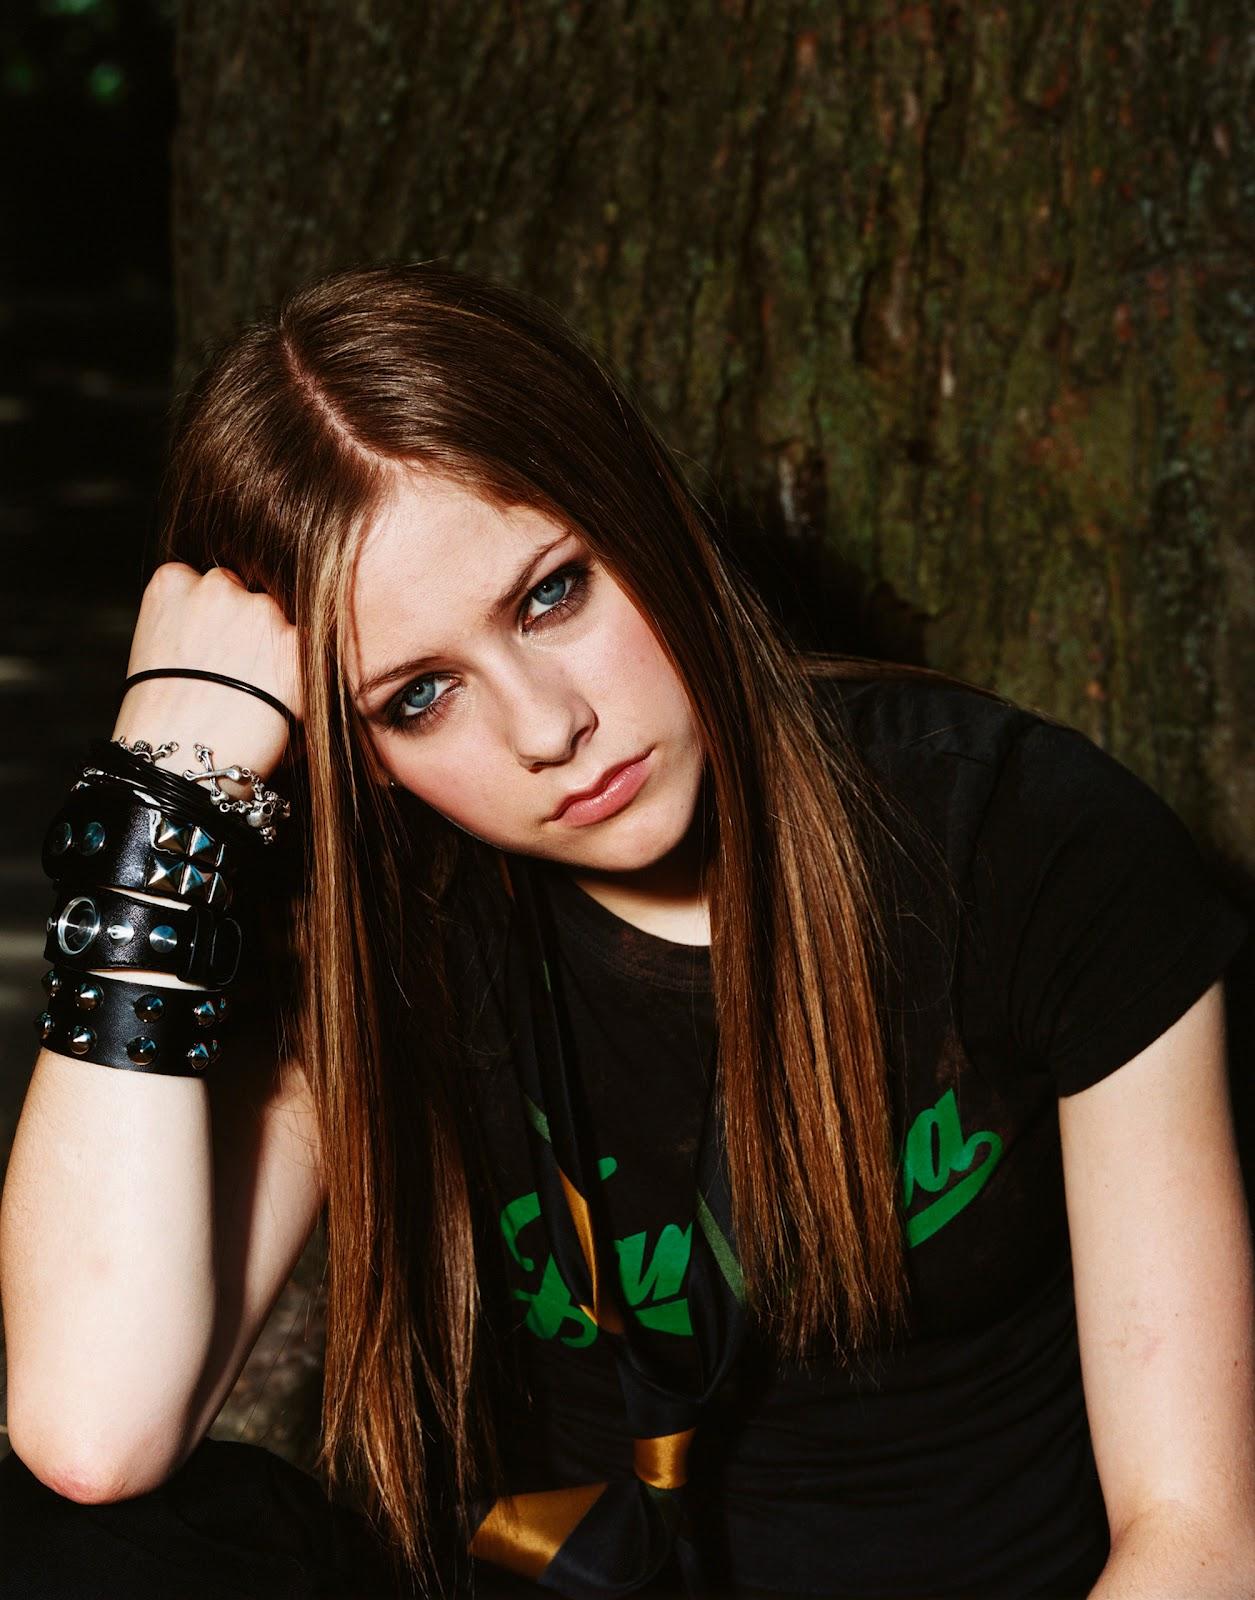 http://1.bp.blogspot.com/-wPUtt5atVqE/UGSoHyiG-wI/AAAAAAAALBo/OYztvZ3_IoA/s1600/Avril-Lavigne-Photoshoot-010-Danielle-Levitt-2002-anichu90-18512440-2008-2560.jpg